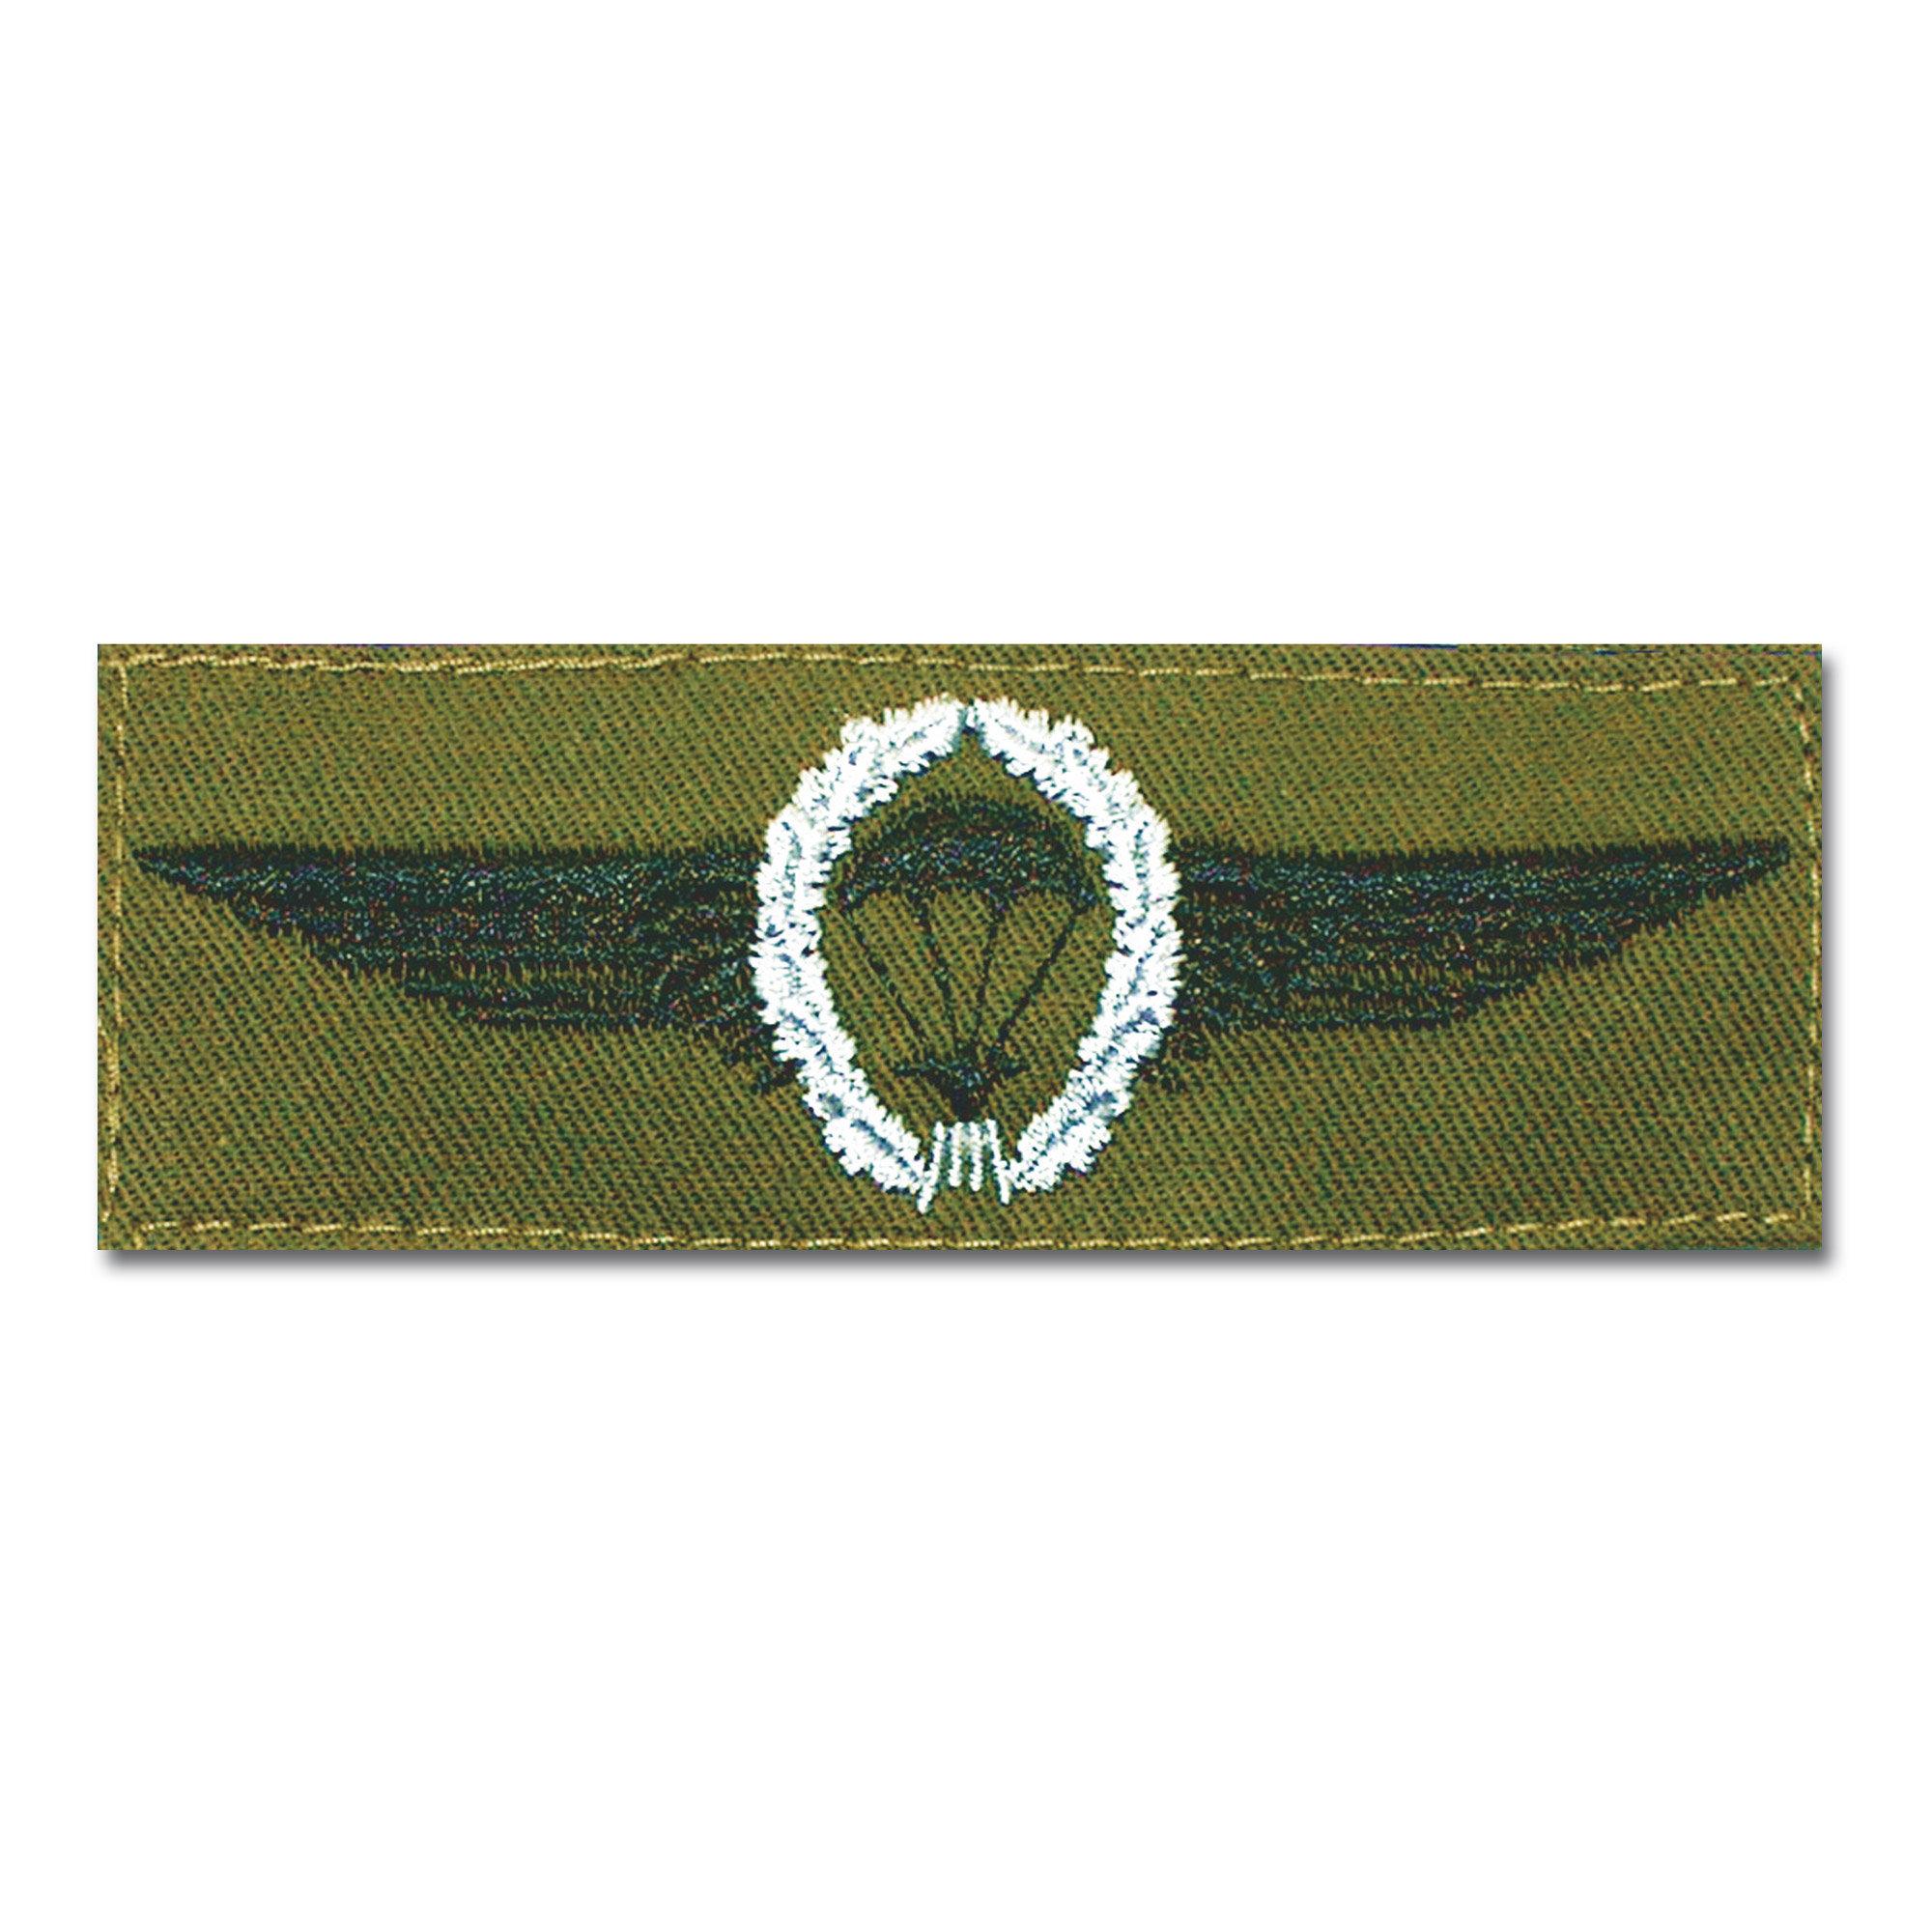 Abz. BW Fallschirmspringer silber/oliv